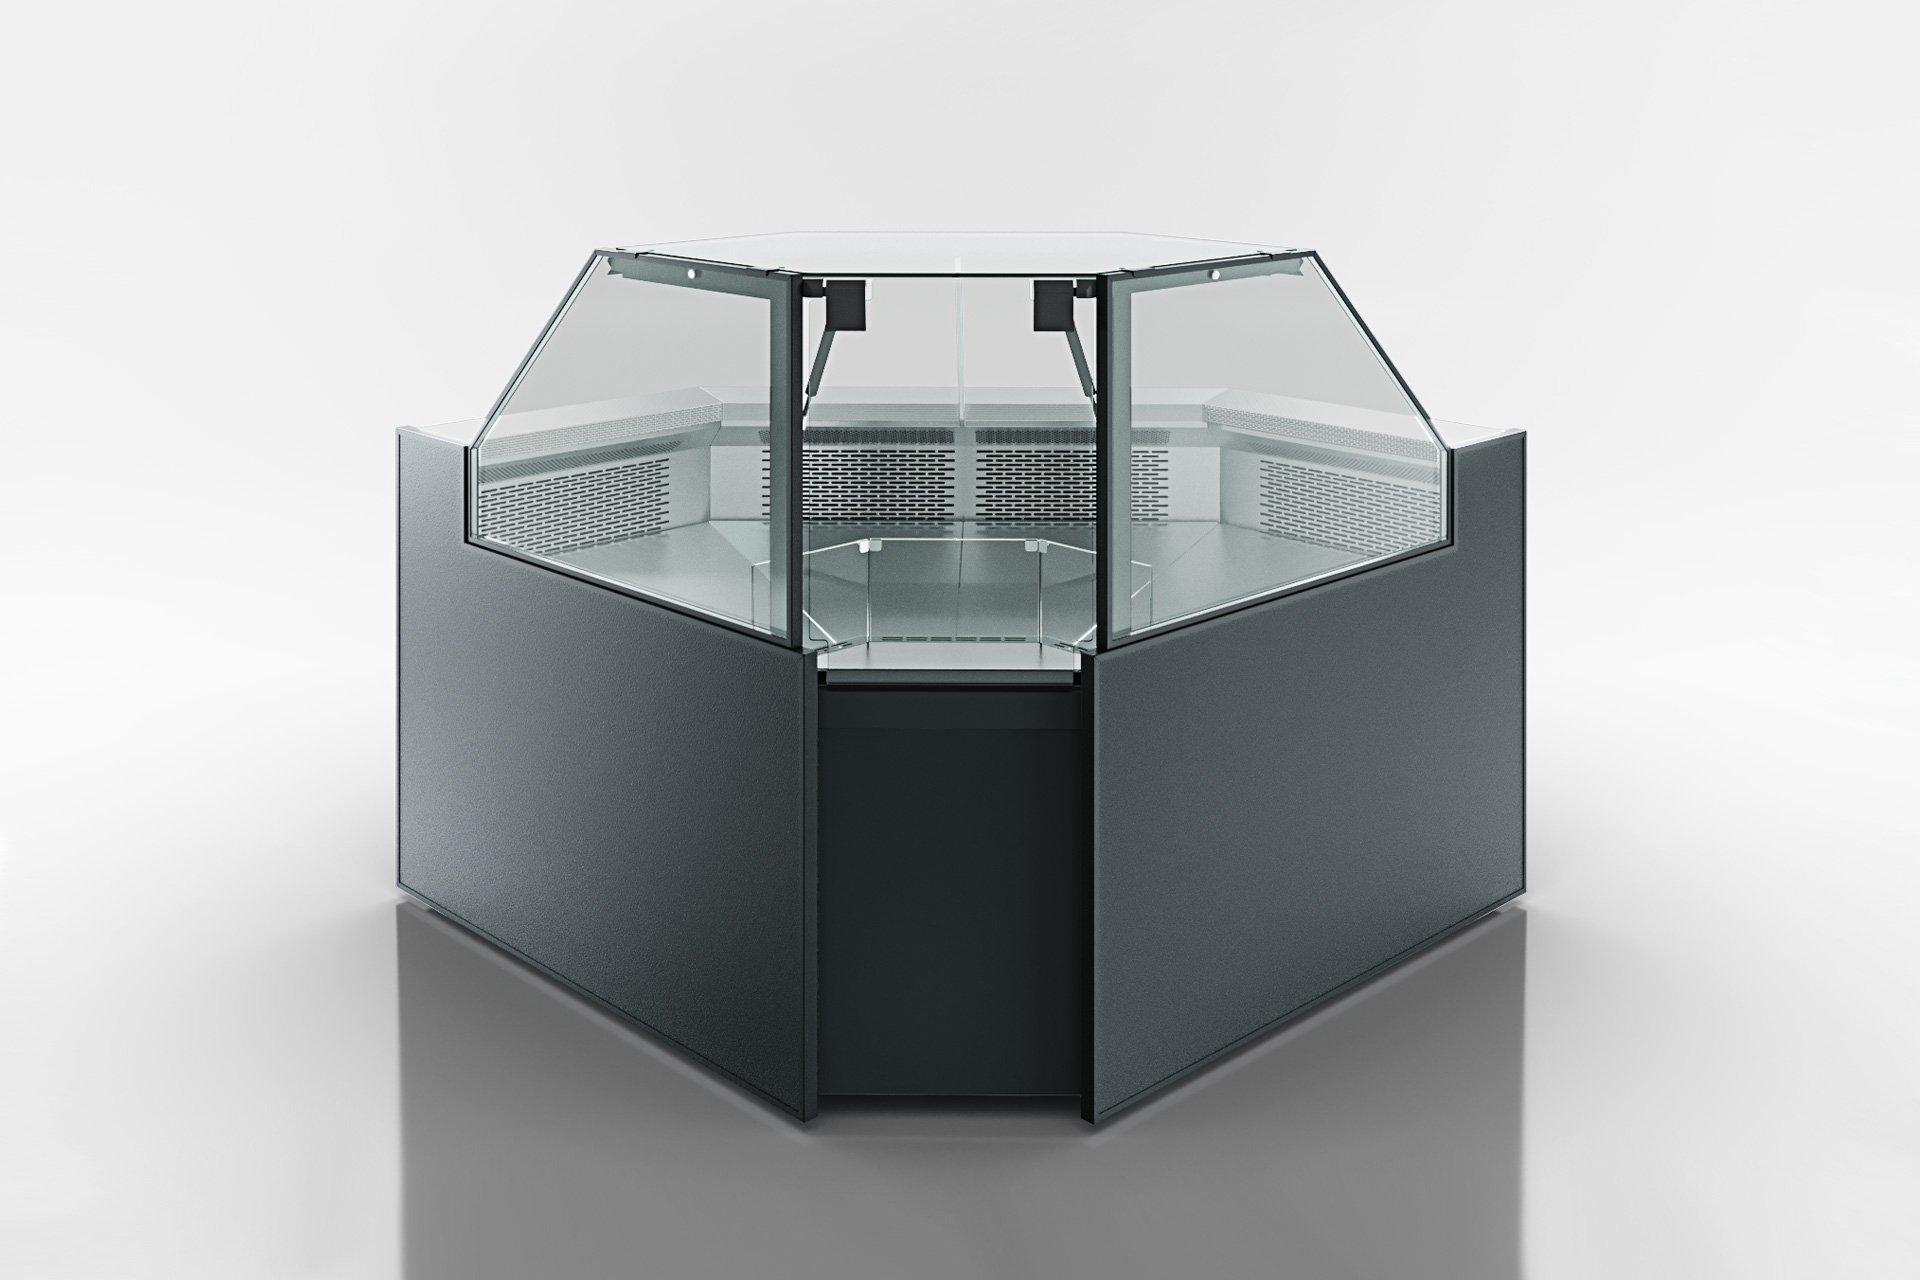 Кутові елементи холодильних вітрин Missouri MC 120 deli PS 130-DBM-IS90